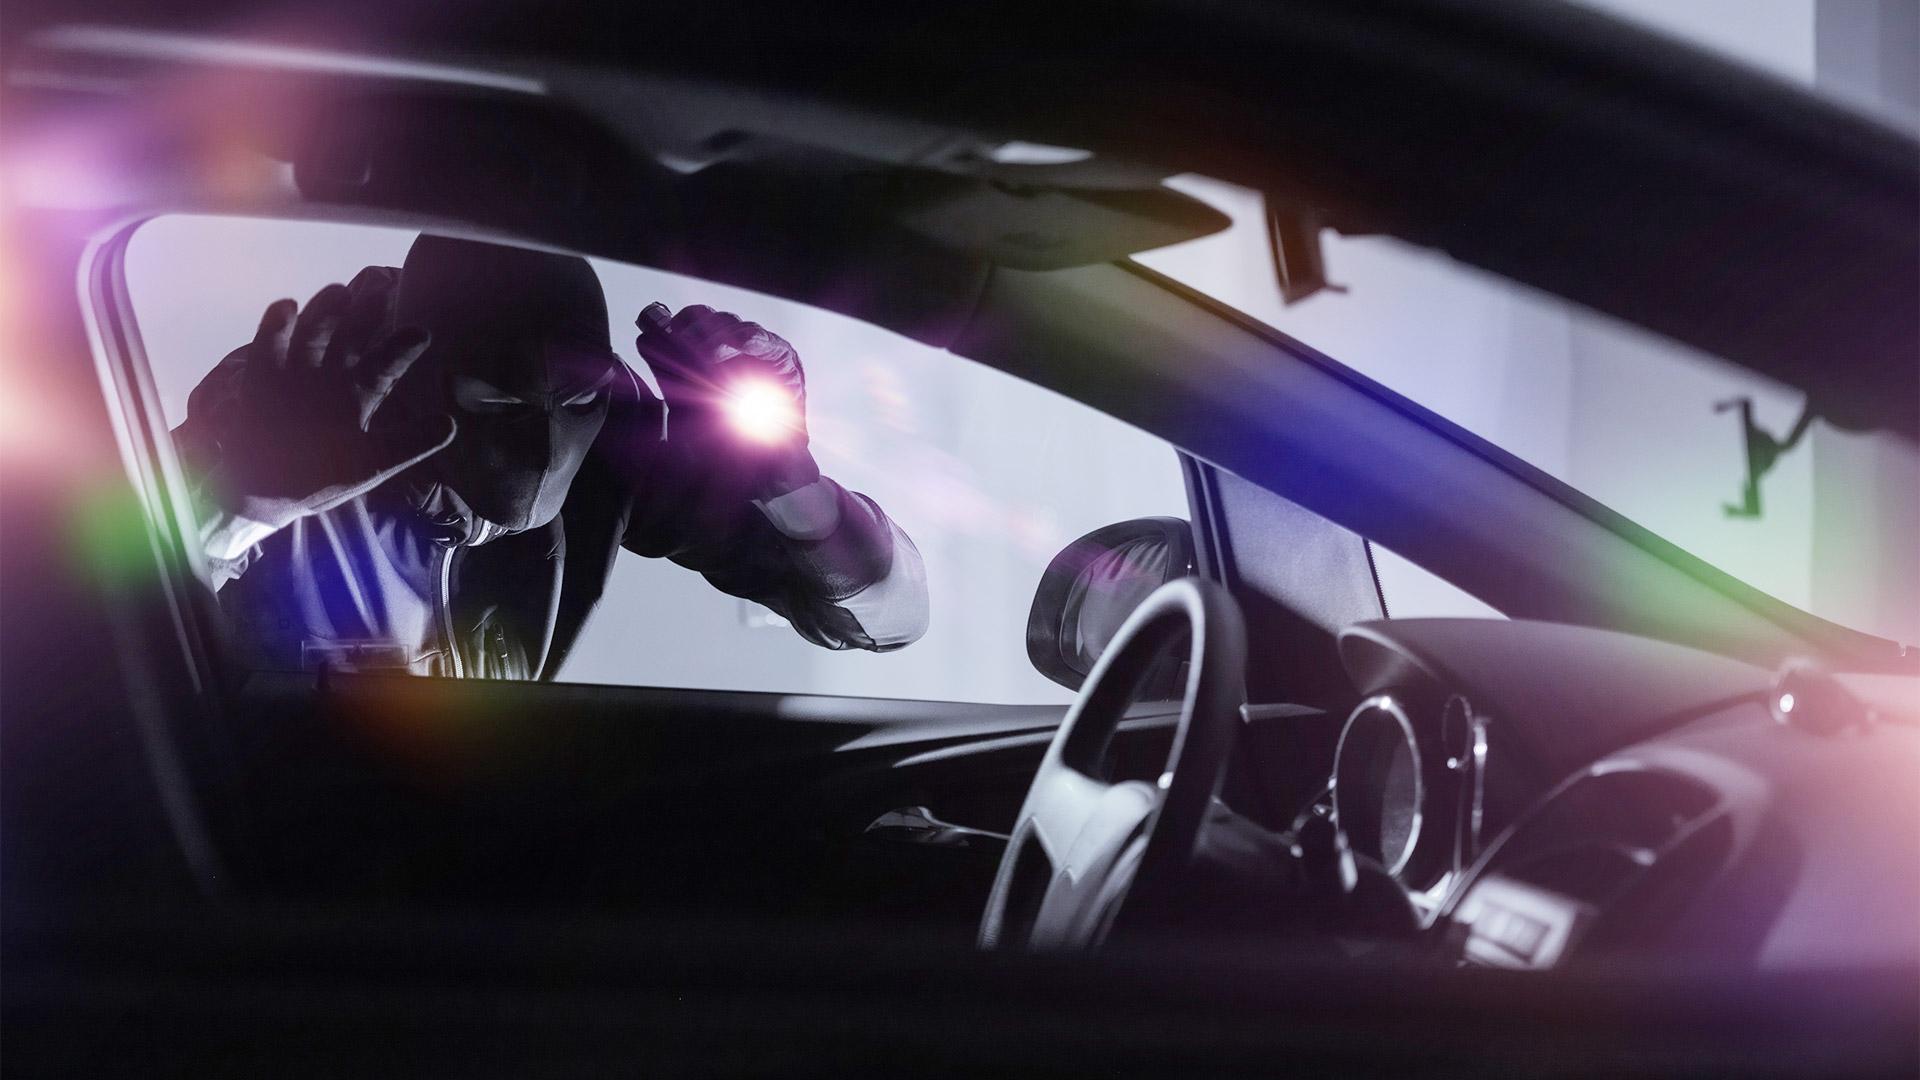 Які авто в зоні підвищеного ризику викрадення?